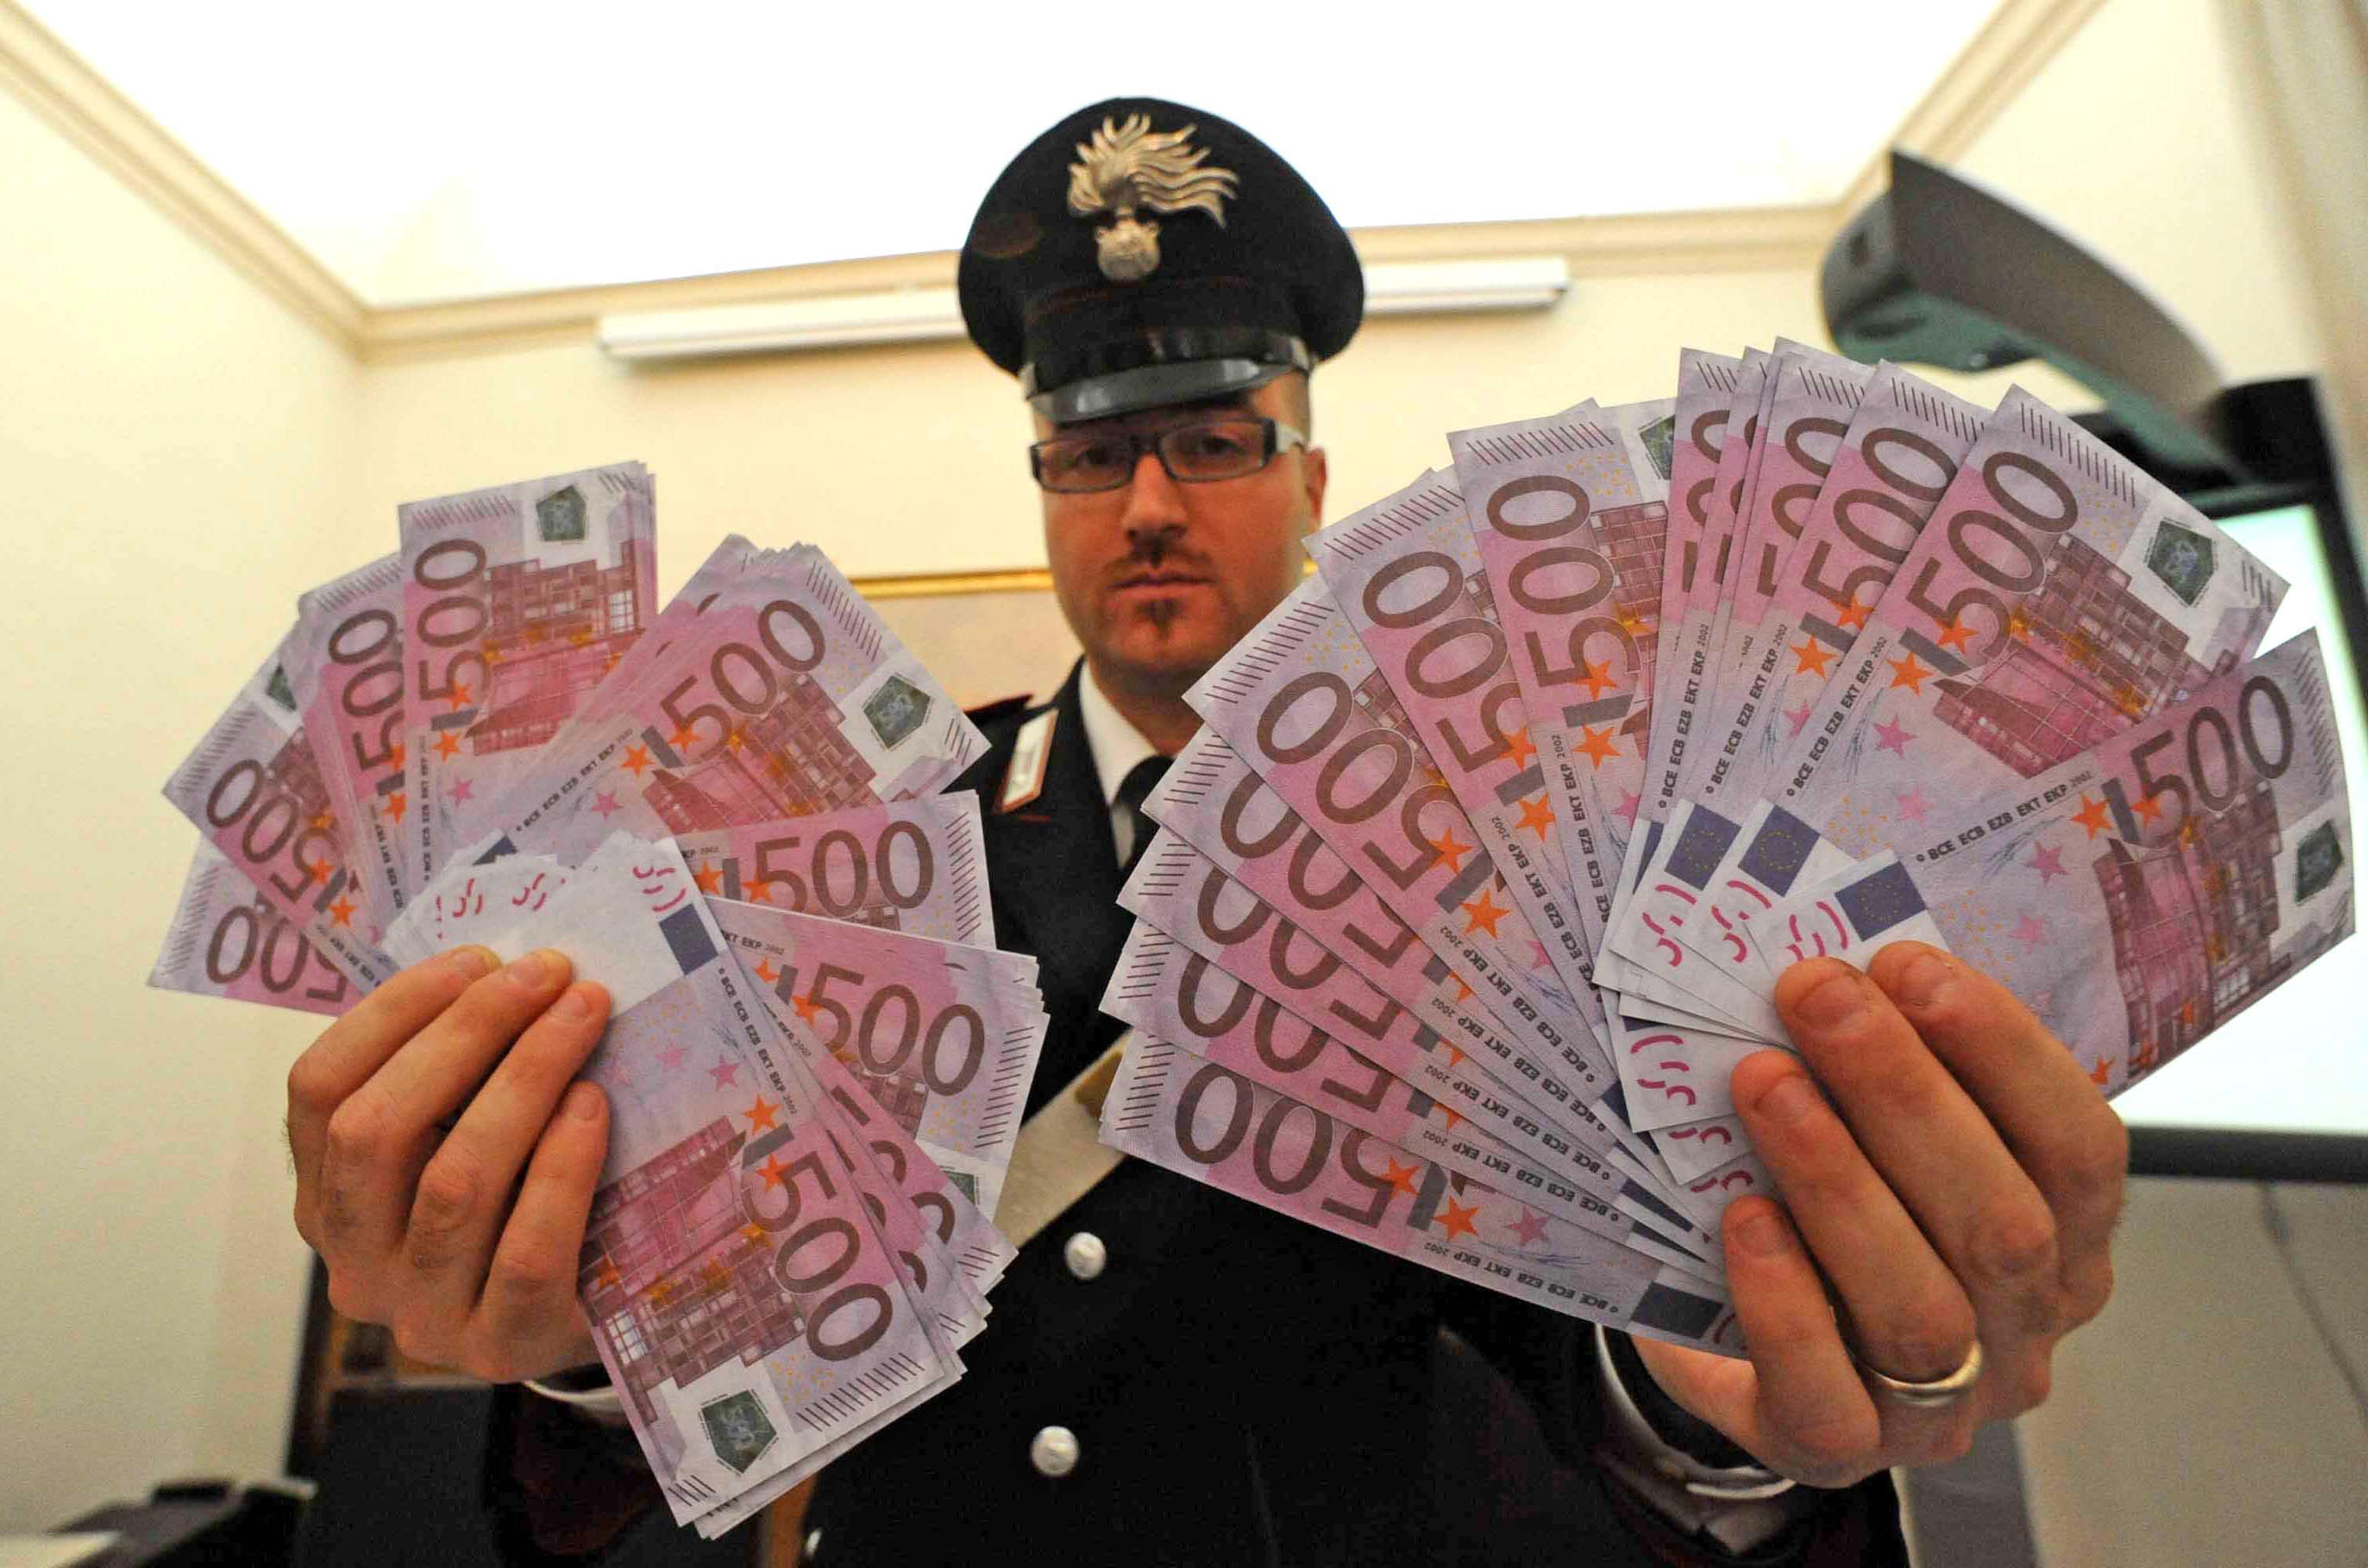 euro finti  Presta soldi finti a imprenditore in crisi falsario arrestato dai ...